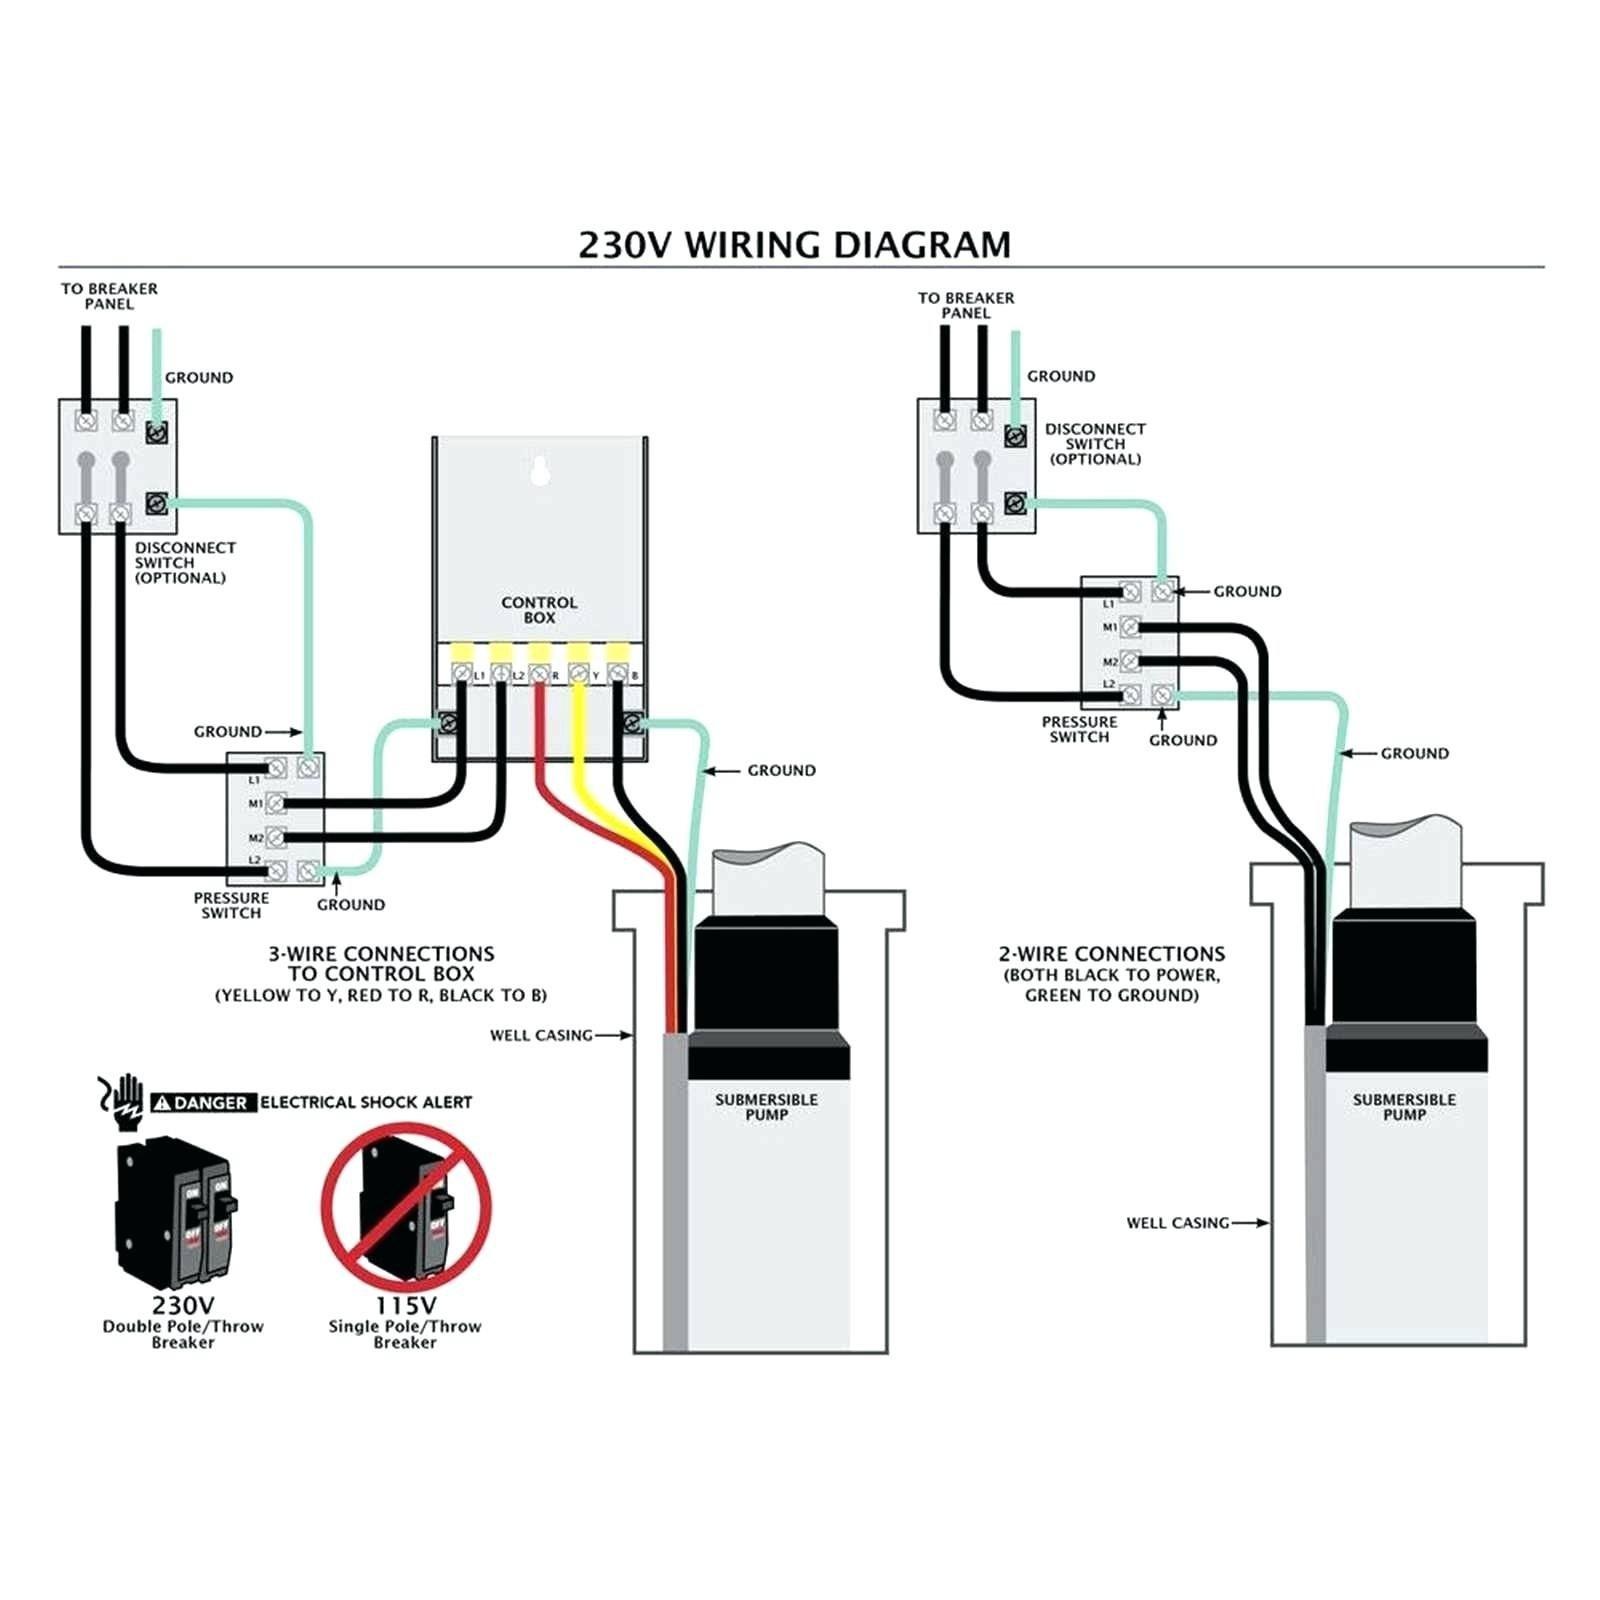 Flygt Submersible Pump Wiring Diagram | Wiring Diagram - 3 Wire Submersible Well Pump Wiring Diagram